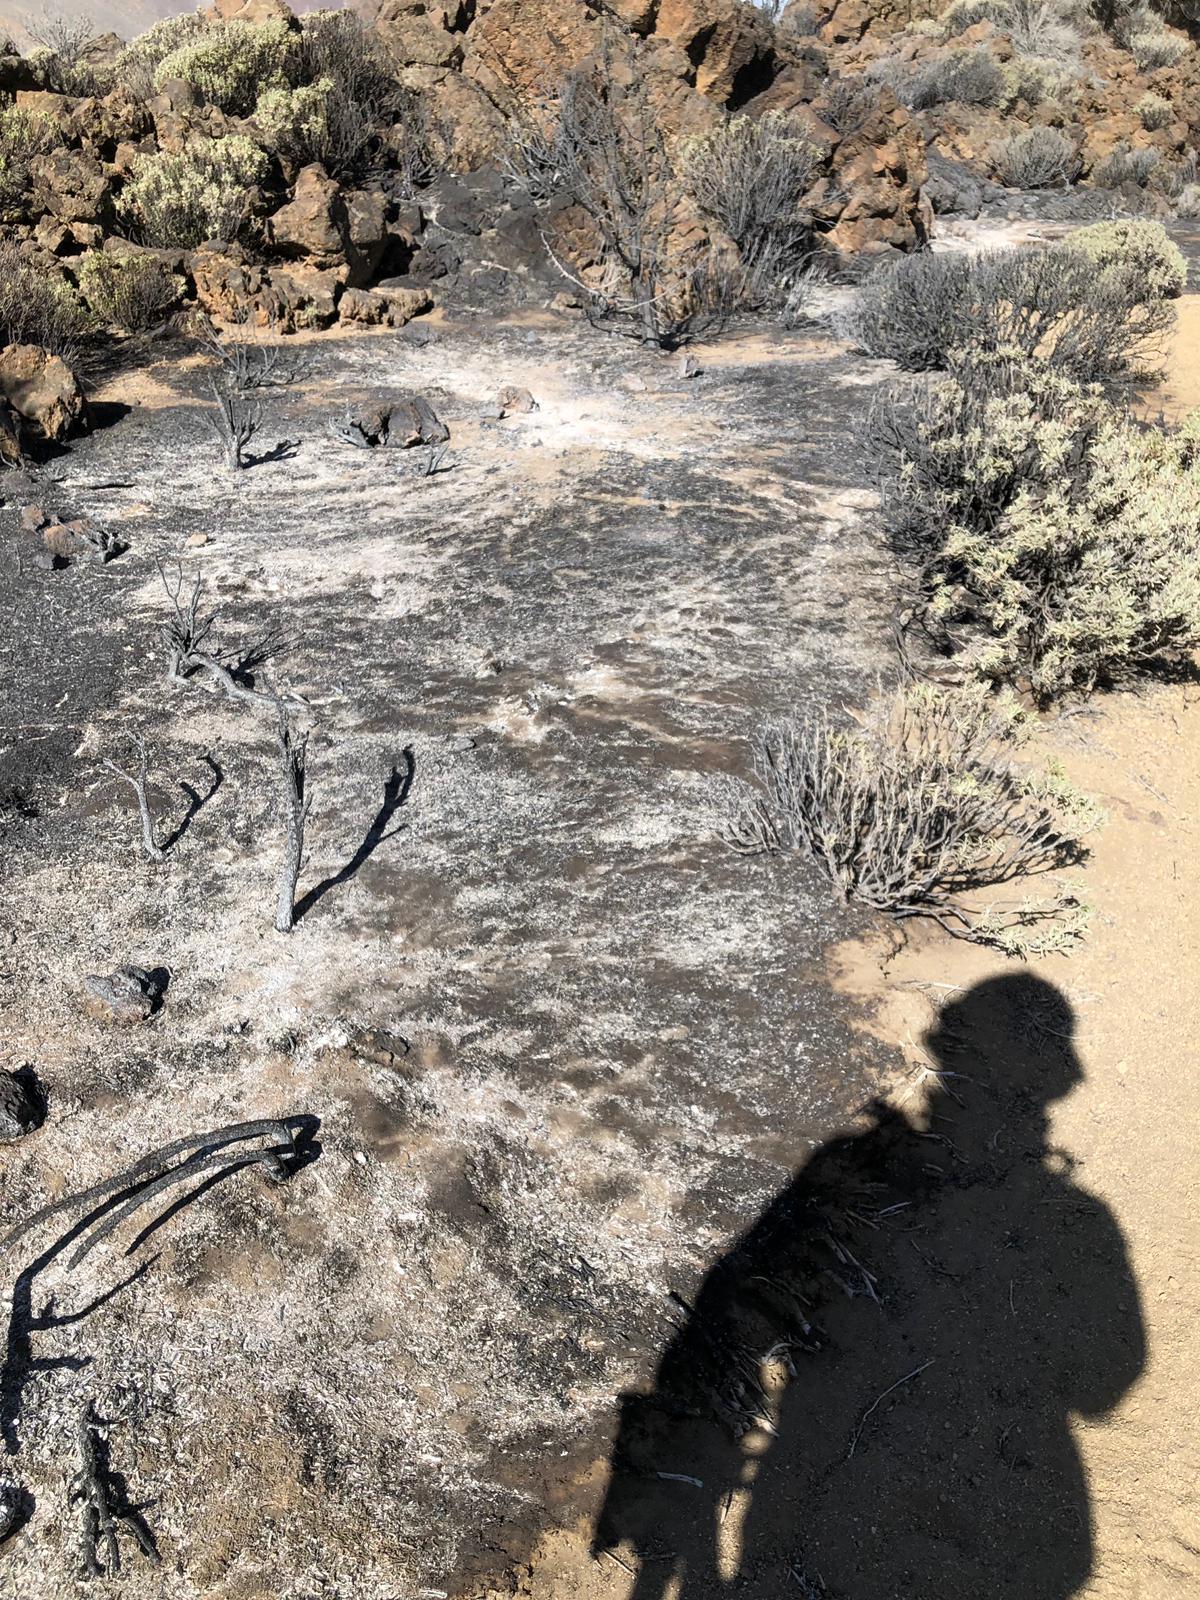 El incendio quedó estabilizado esta mañana tras haber afectado a 20 hectáreas| CEDIDA por BRIFOR